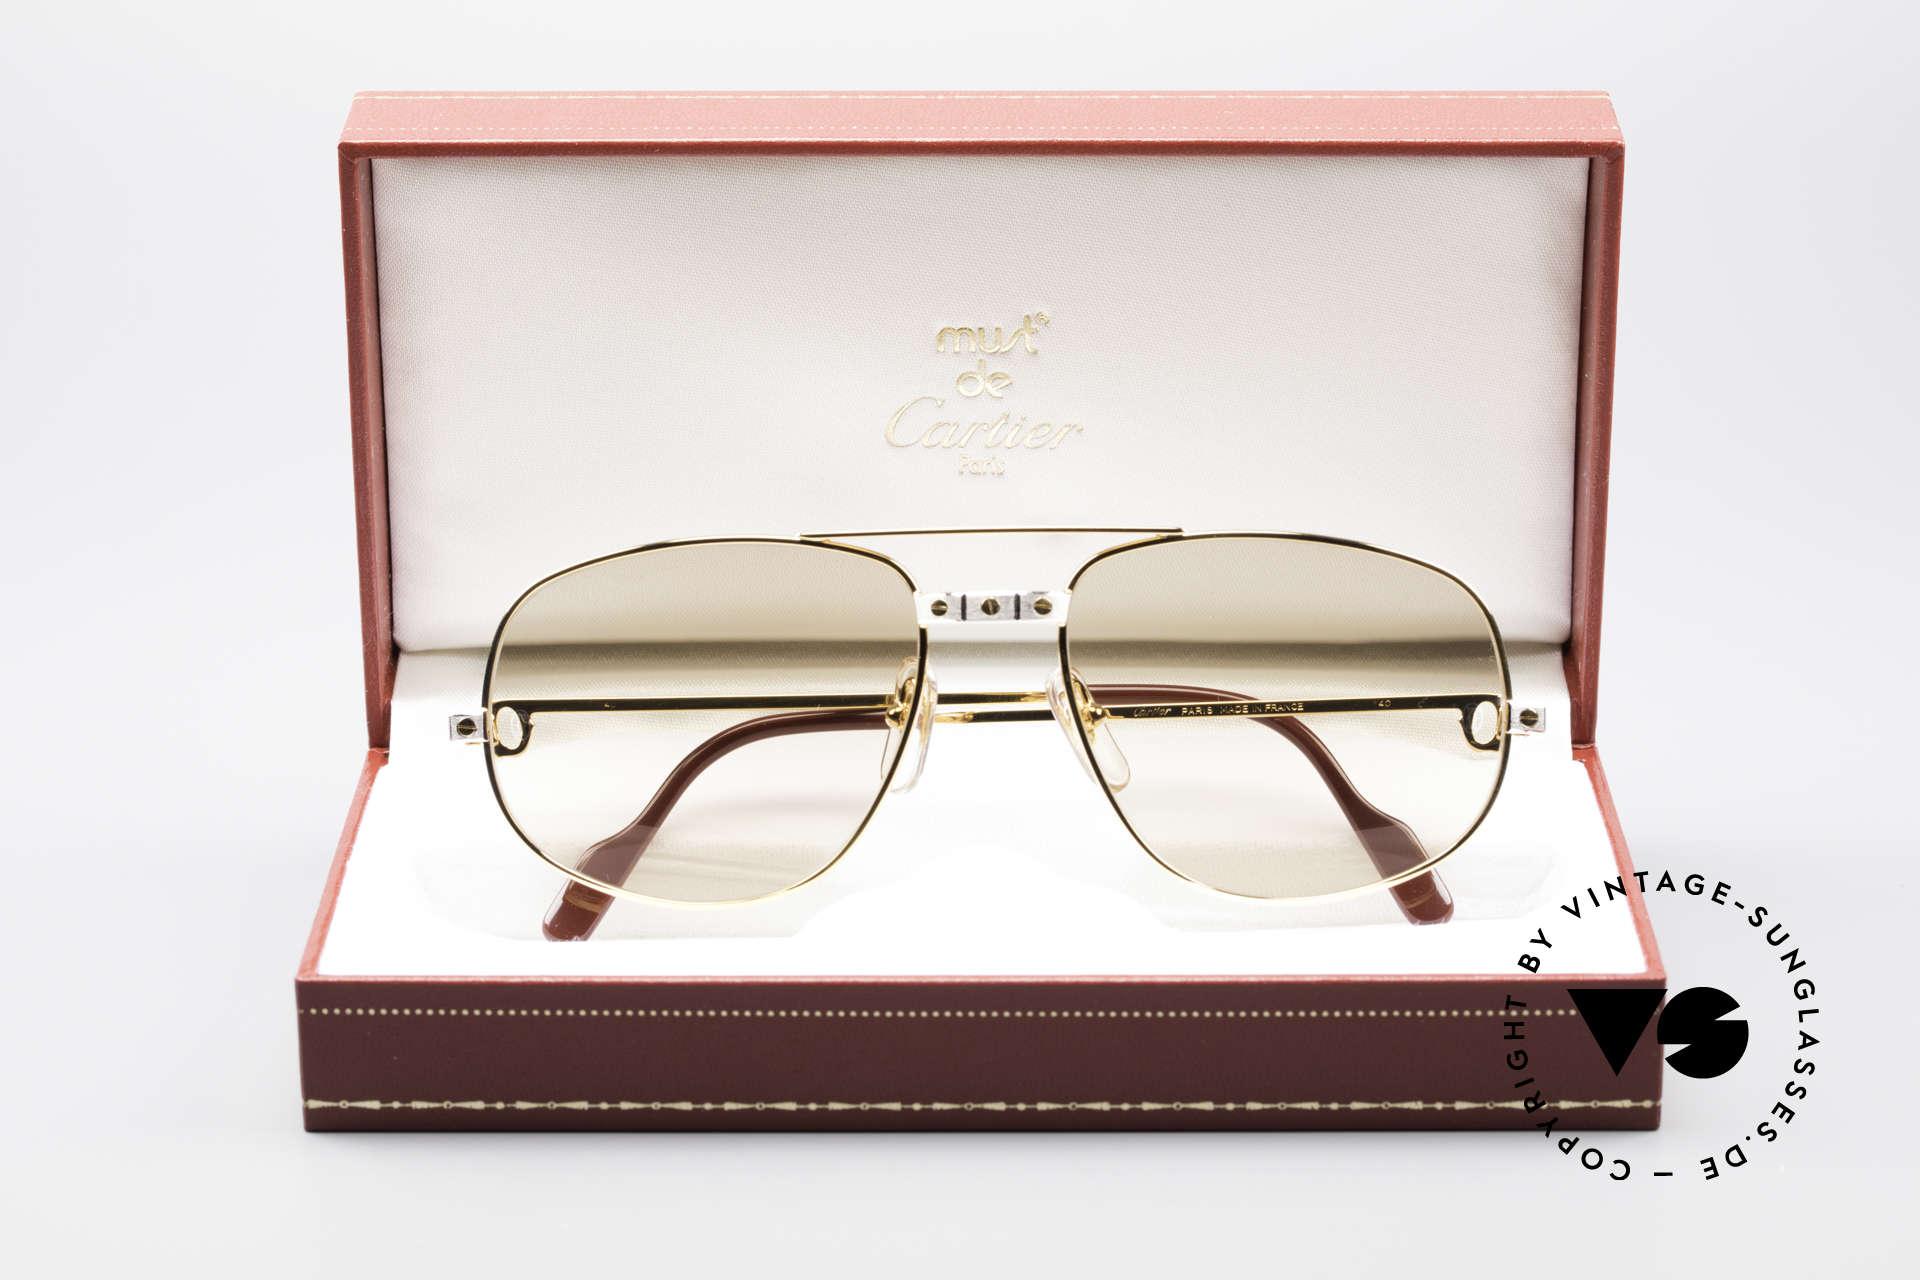 Cartier Romance Santos - L Luxus Sonnenbrille, teure Mineralgläser (100% UV) mit feinen Cartier-Logos, Passend für Herren